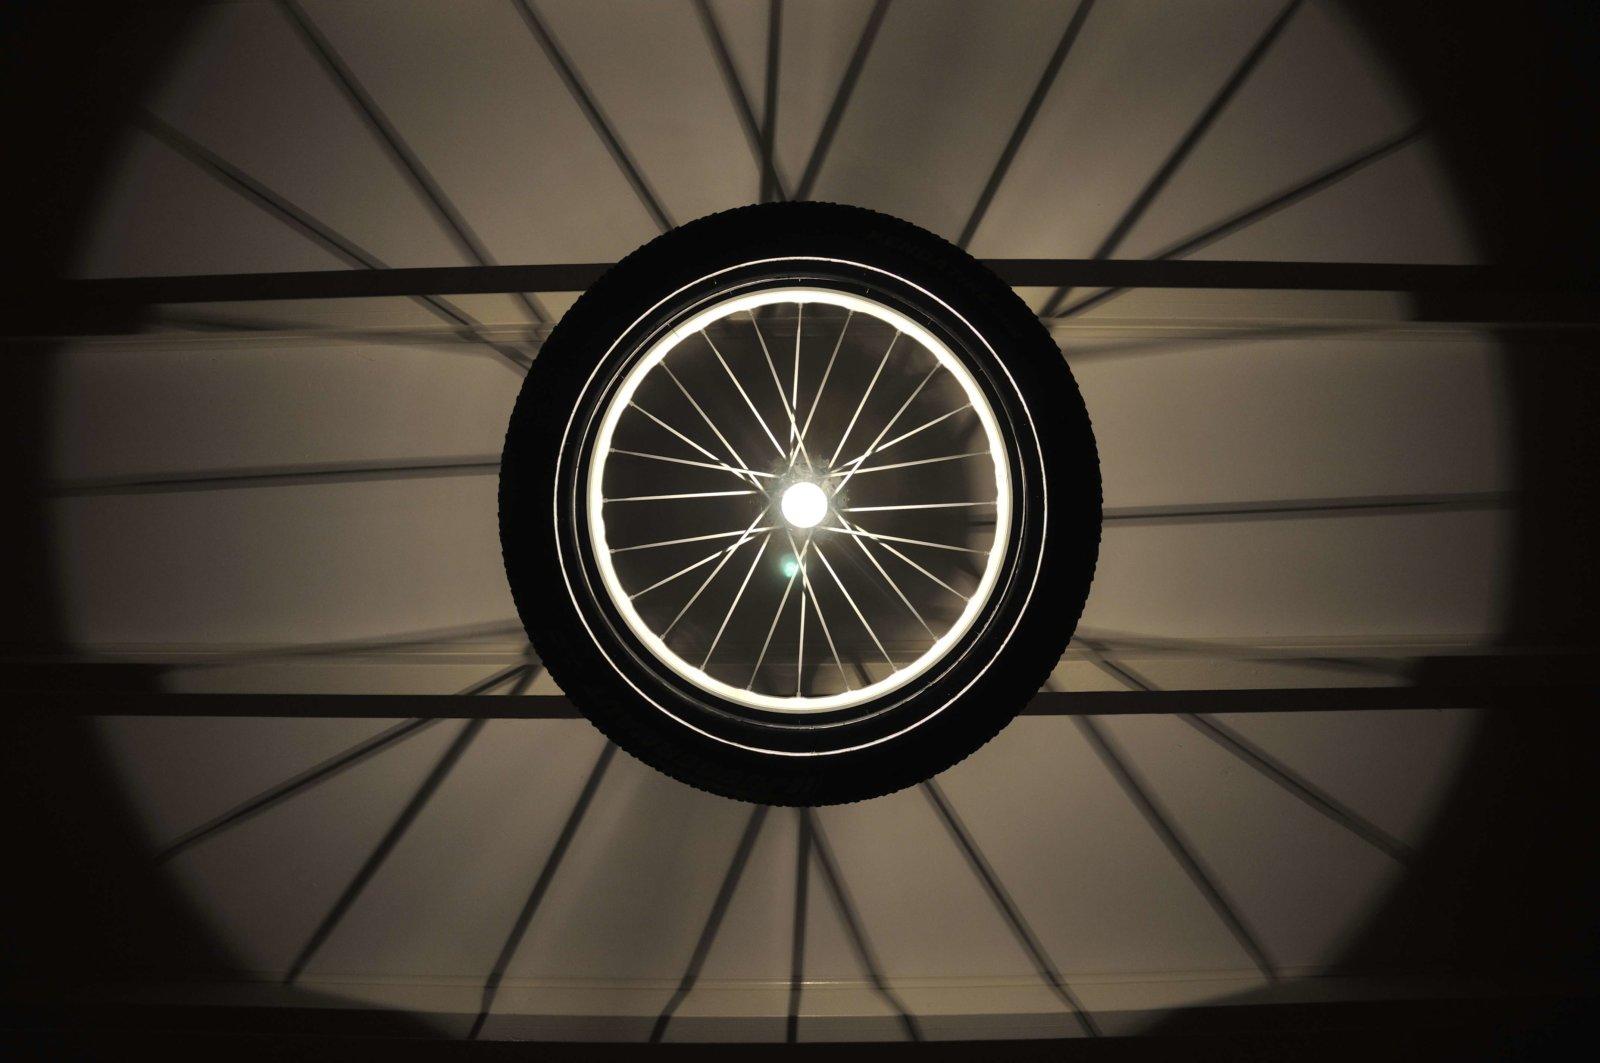 Lichtwiel Fatboy Lamp By Decreatievelink Spakenpatroon